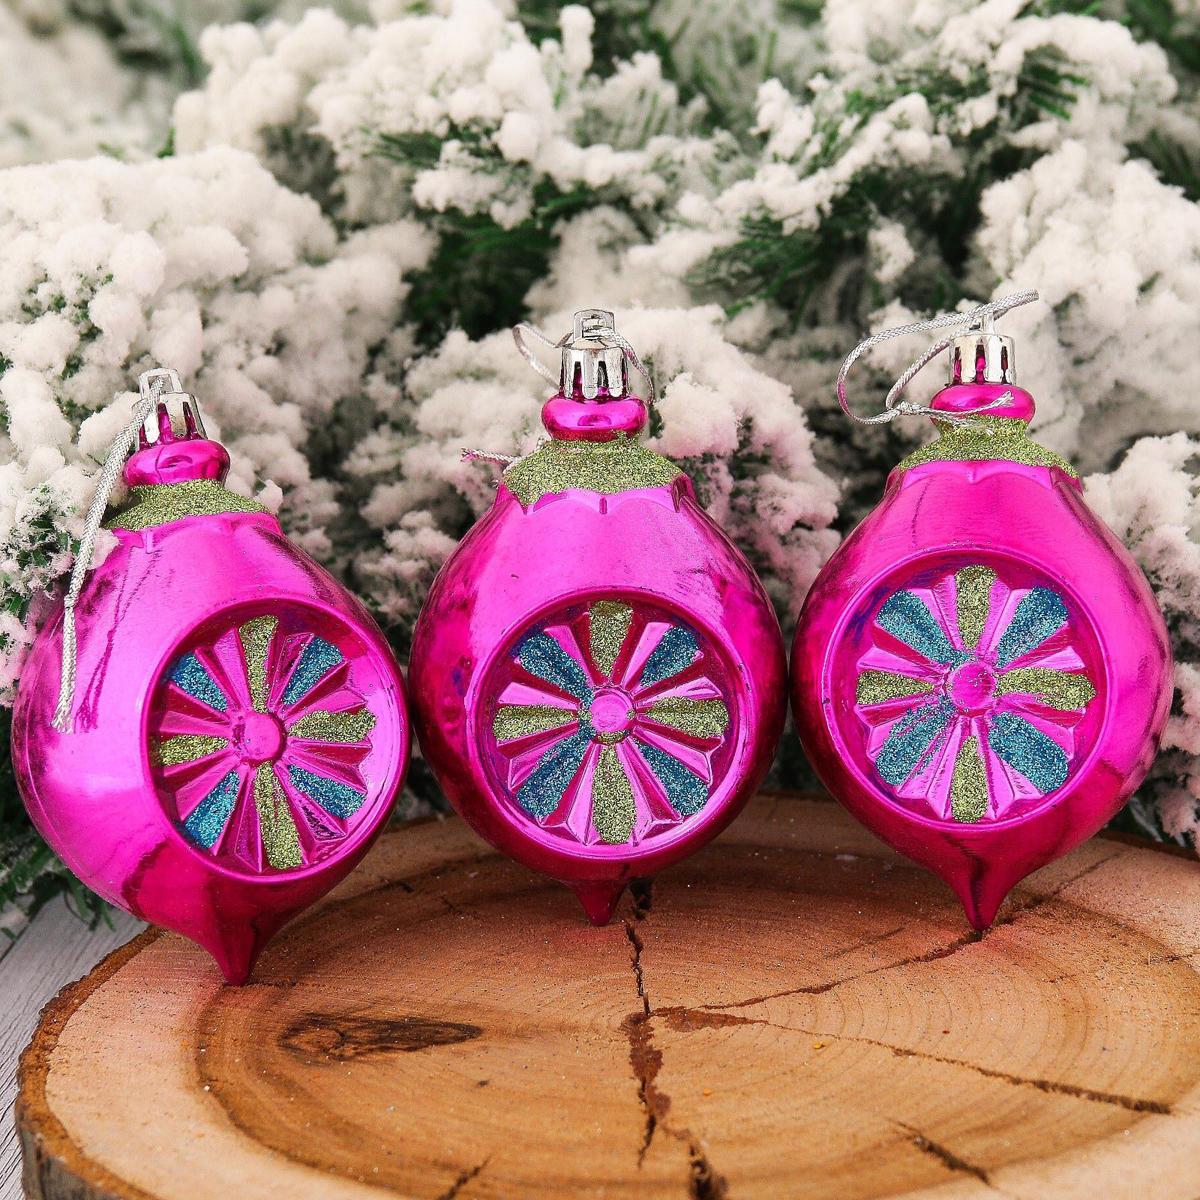 Набор новогодних подвесных украшений Луковица, 8,5 х 6 см, 6 шт2123100Набор новогодних подвесных украшений отлично подойдет для декорации вашего дома и новогодней ели. С помощью специальной петельки украшение можно повесить в любом понравившемся вам месте. Но, конечно, удачнее всего оно будет смотреться на праздничной елке.Елочная игрушка - символ Нового года. Она несет в себе волшебство и красоту праздника. Такое украшение создаст в вашем доме атмосферу праздника, веселья и радости.